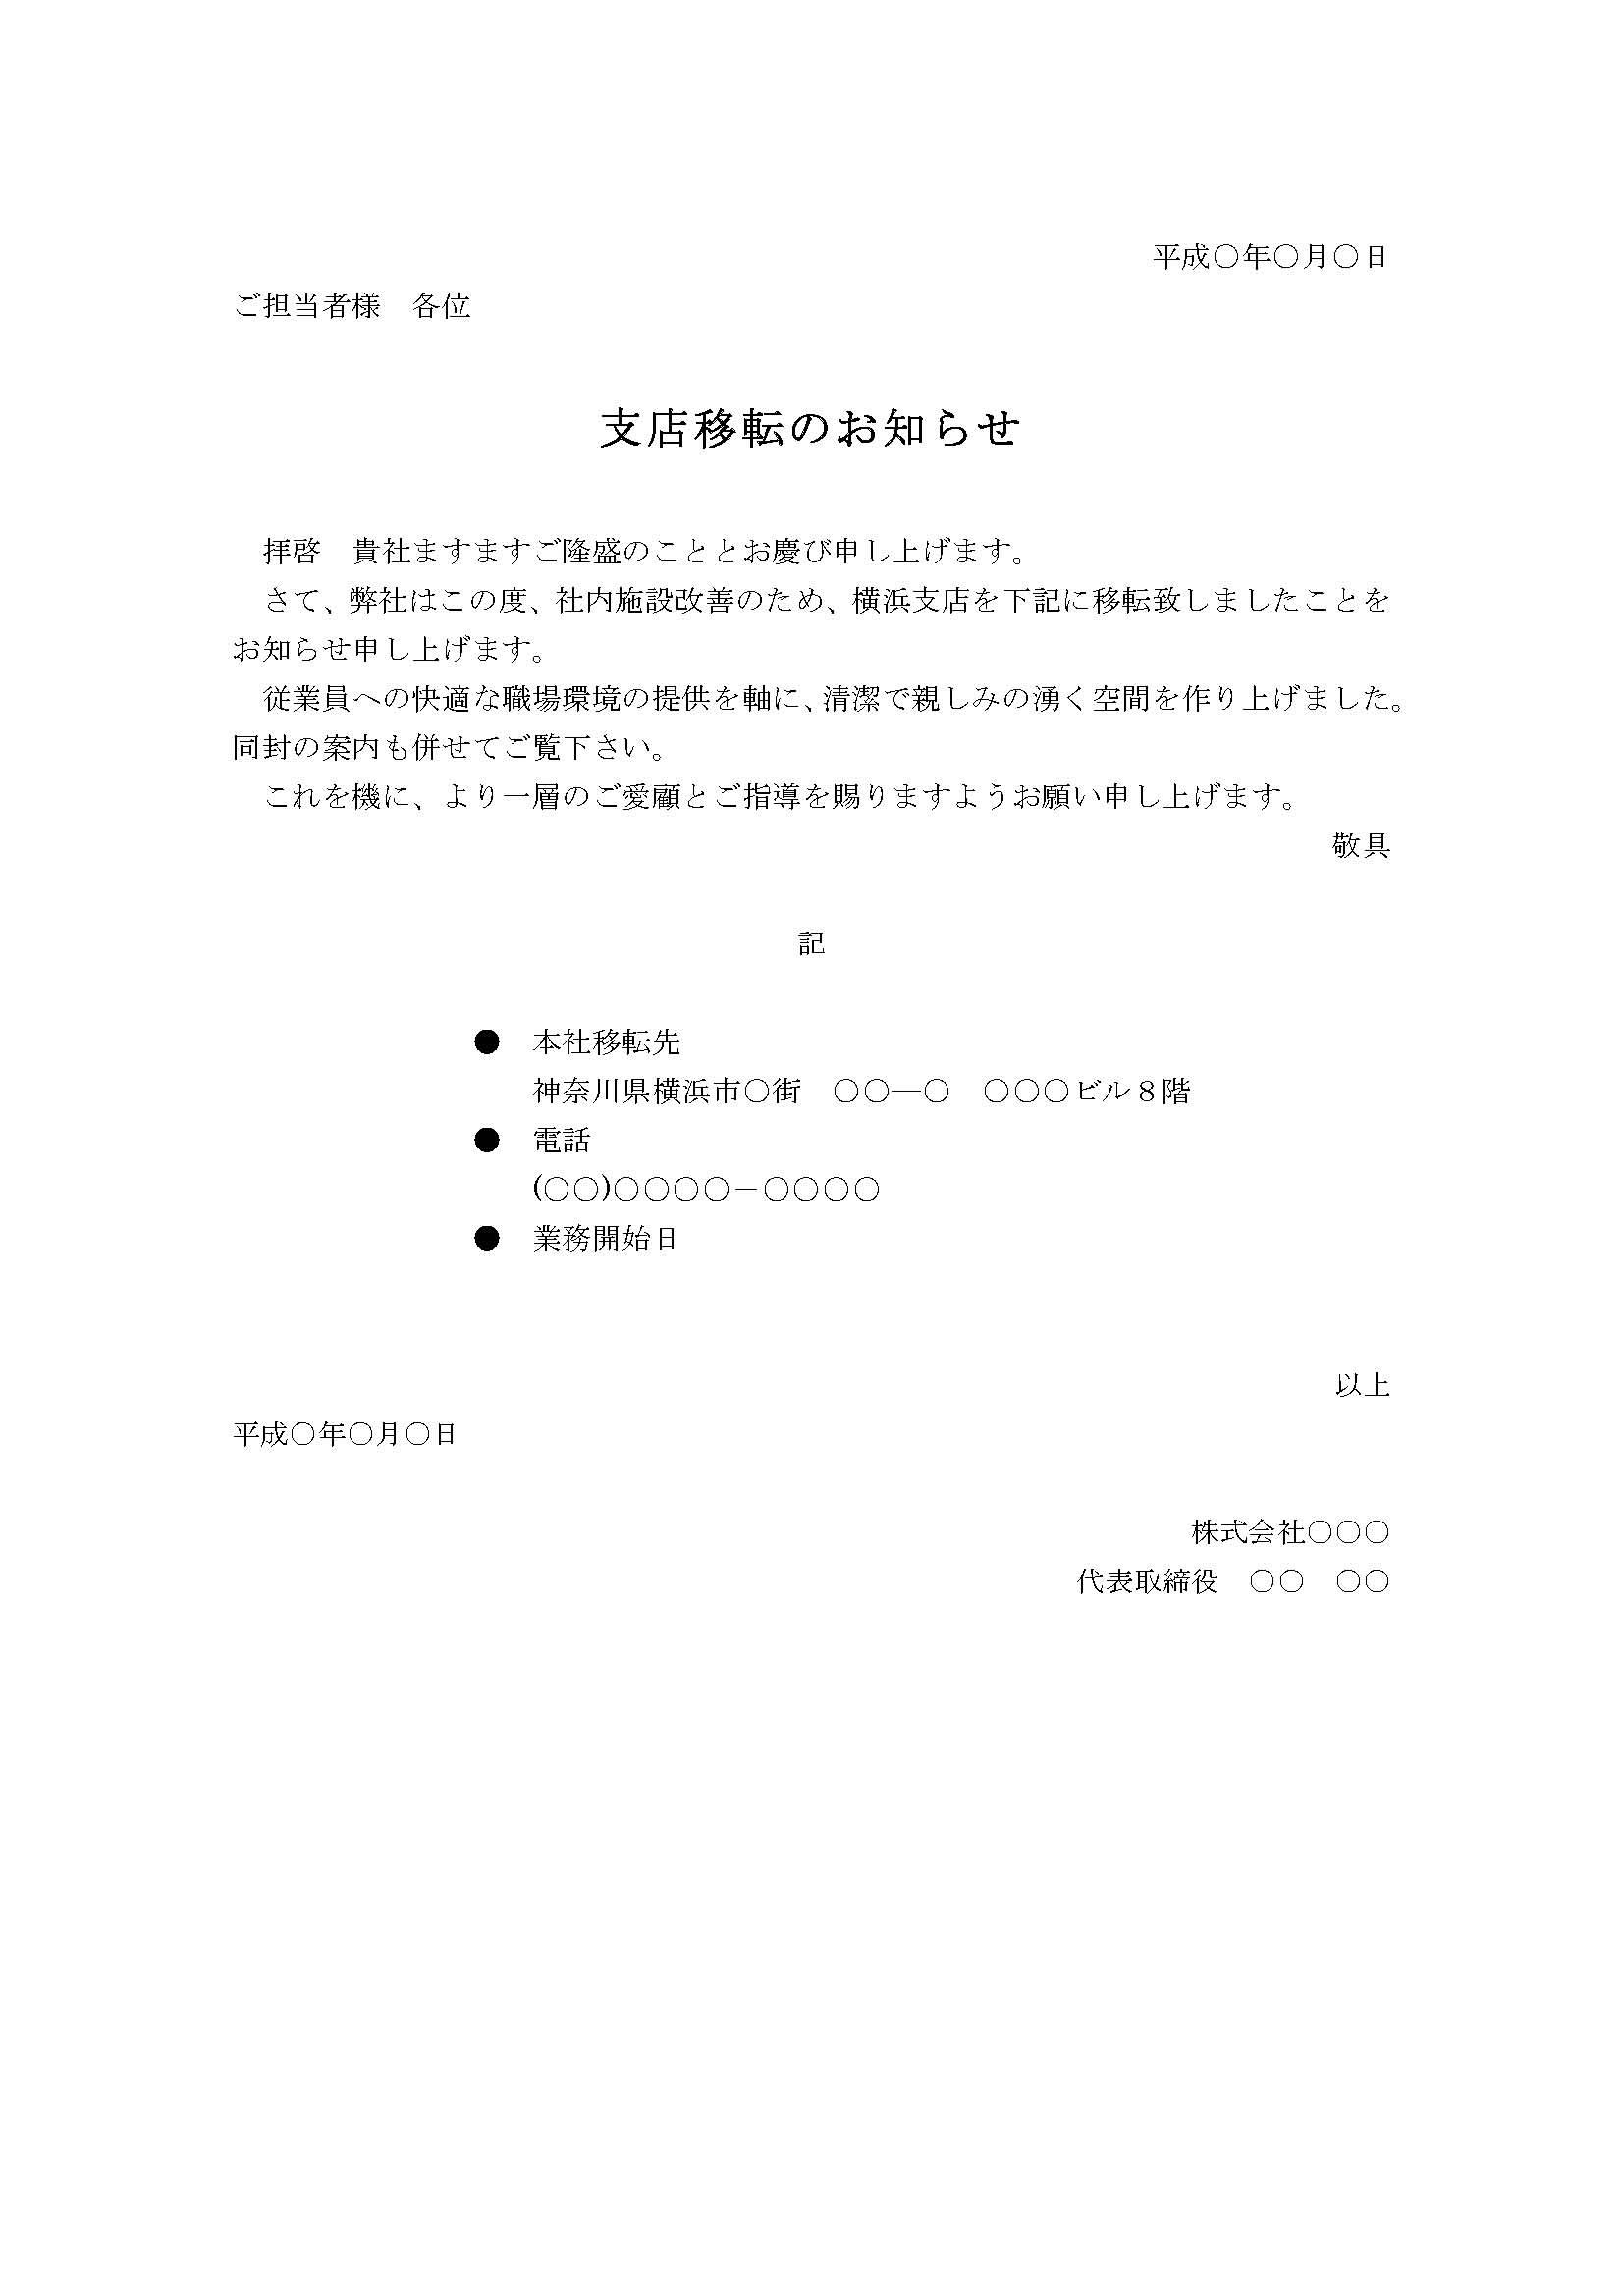 お知らせ(支店移転)